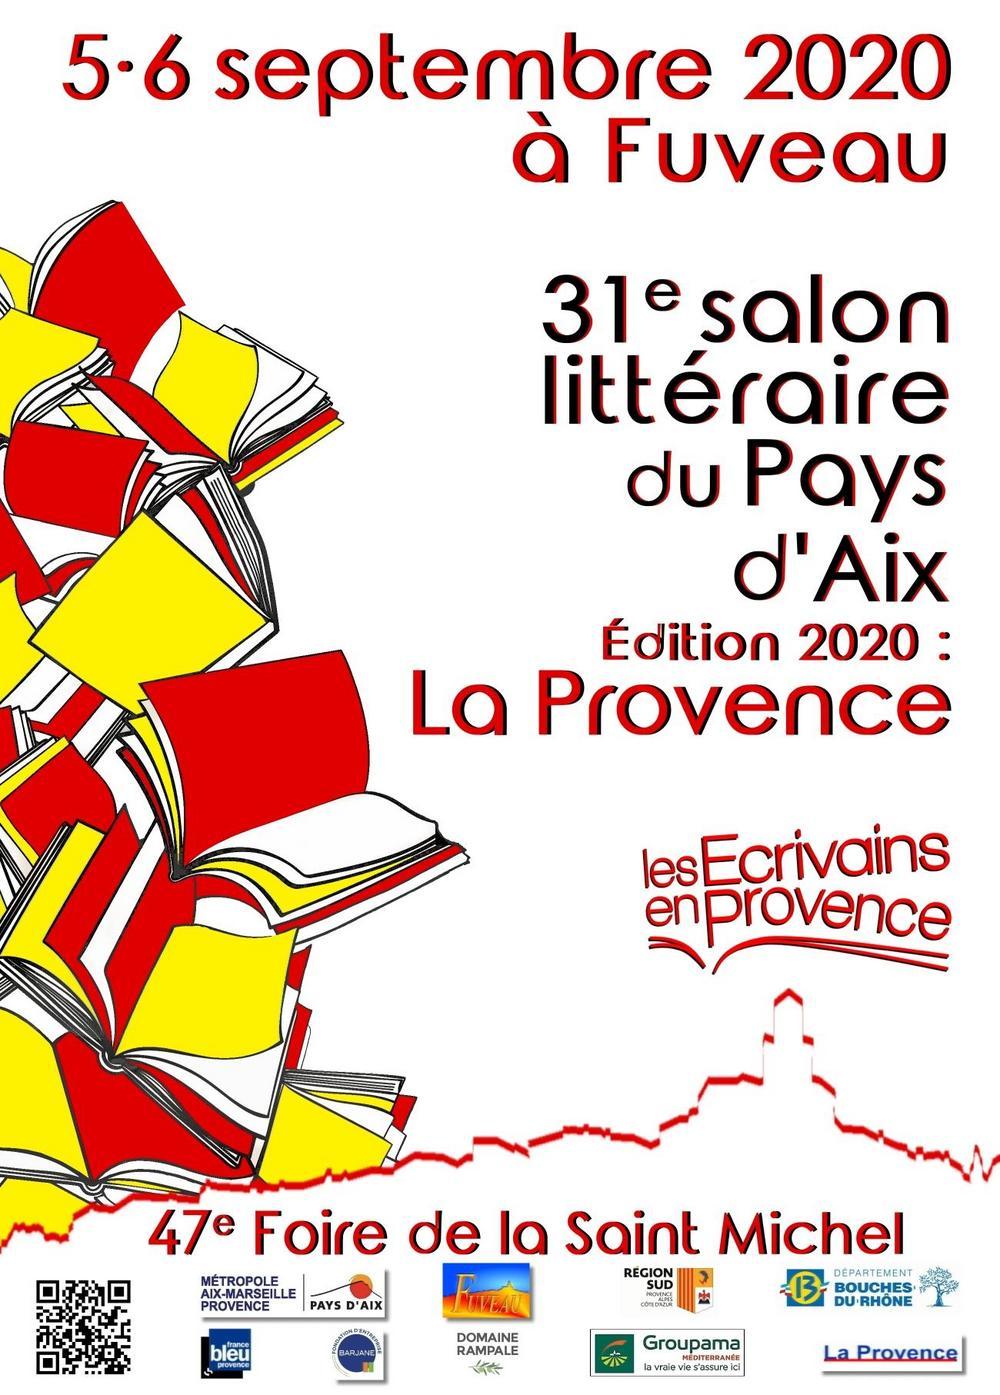 31e Salon littéraire du Pays d'Aix à Fuveau